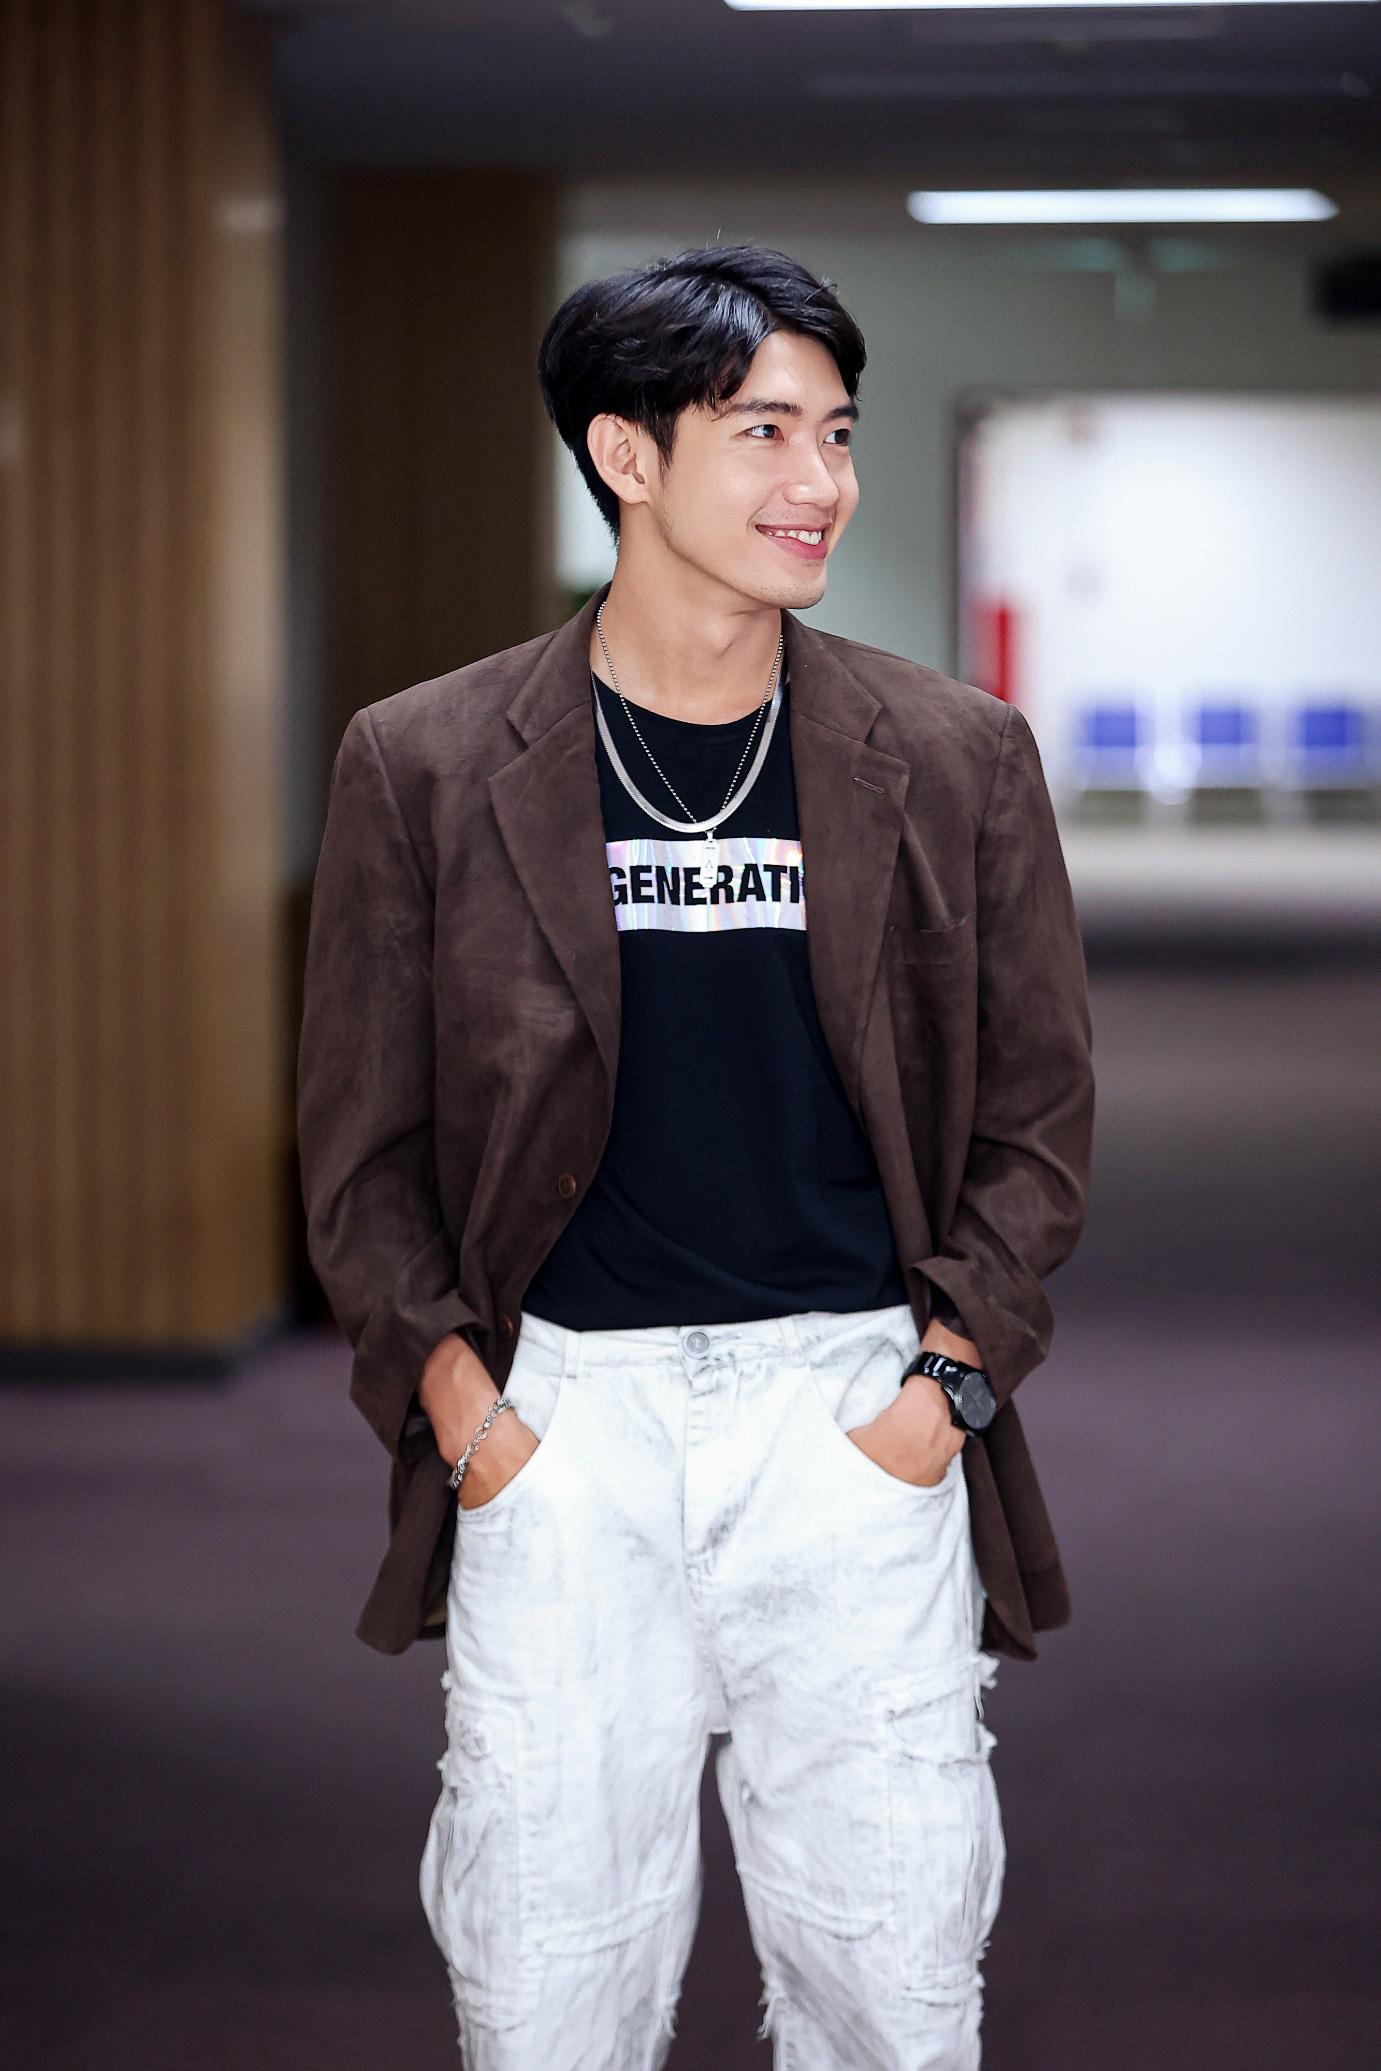 """Biên đạo múa Quang Đăng: """"Tôi hạnh phúc vì những điều mình thích tạo ra giá trị cho cộng đồng"""" - Ảnh 2."""